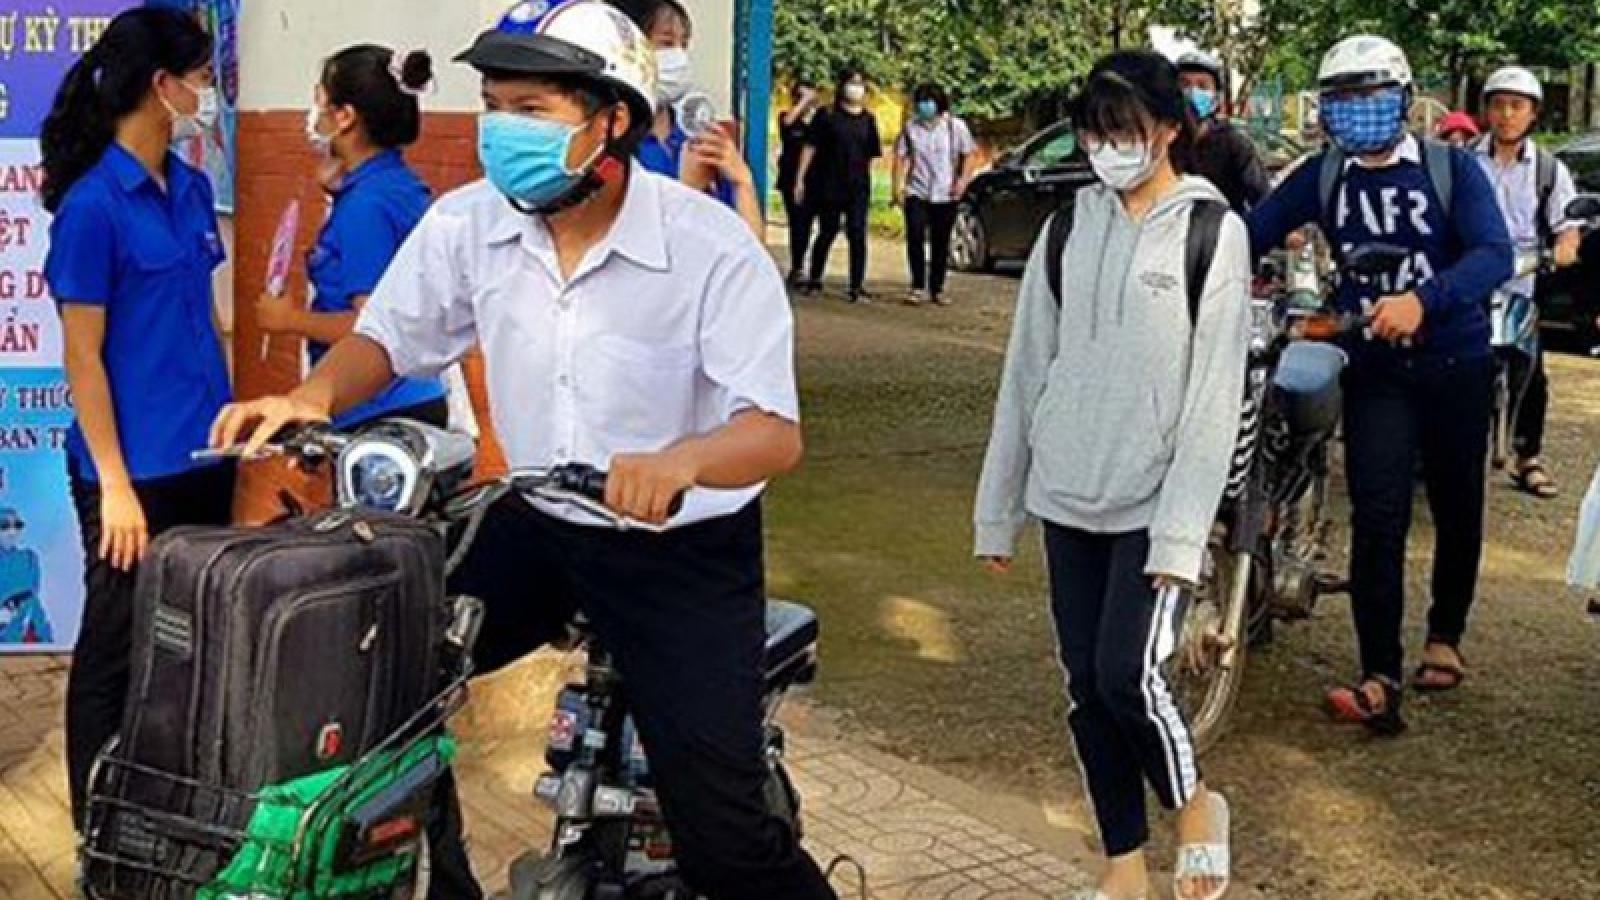 Giám thị chủ quan, 1 thí sinh ở Bình Phước phải thi lại